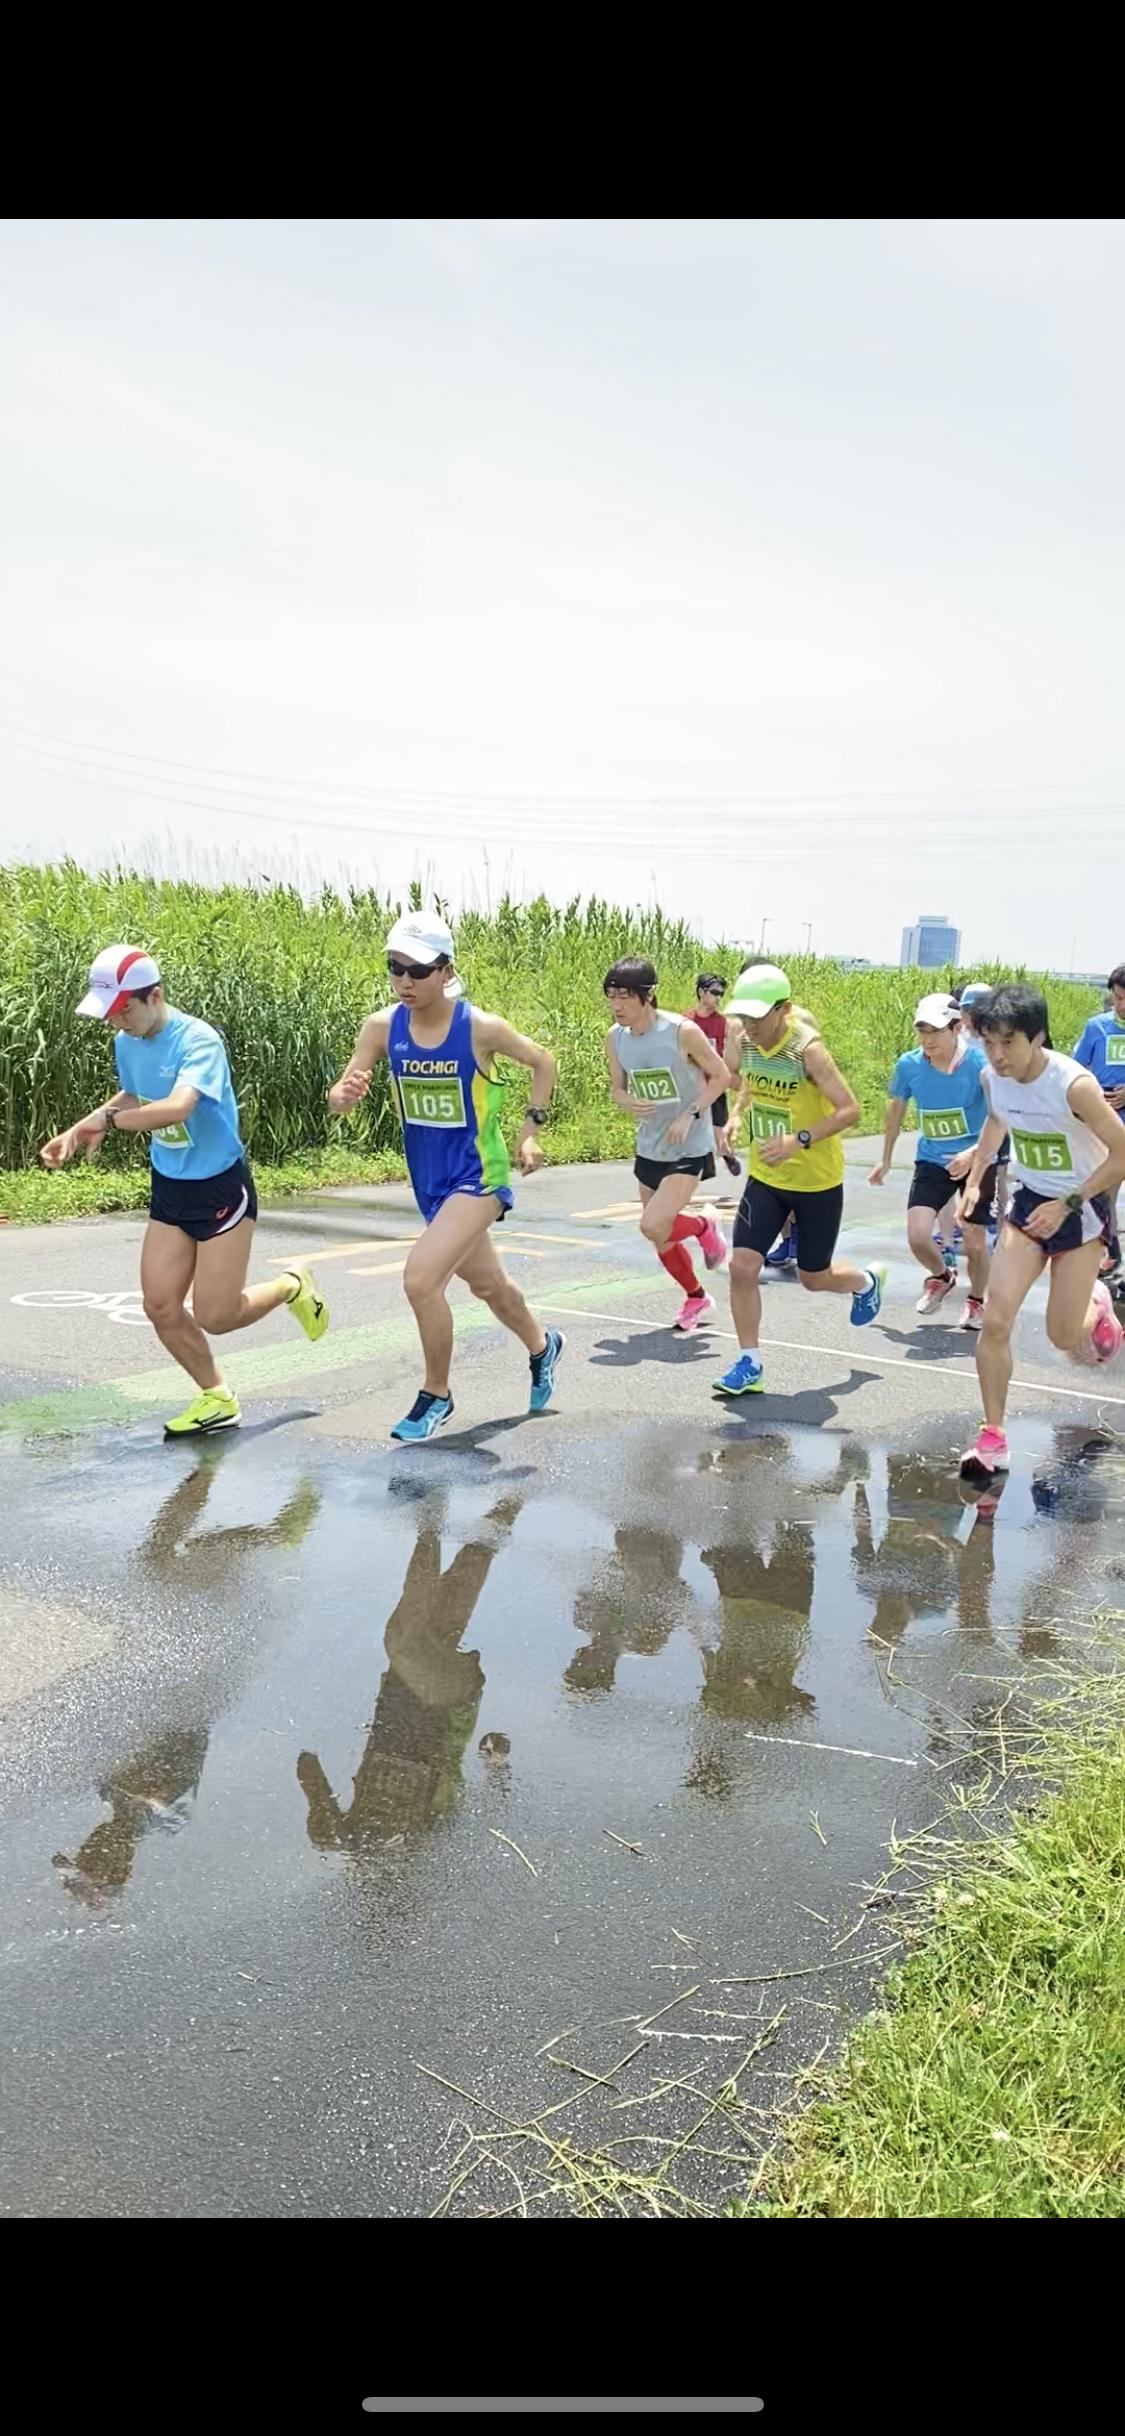 [RUN・東京]第25回荒川スマイルマラソン 20.09.26 sat.